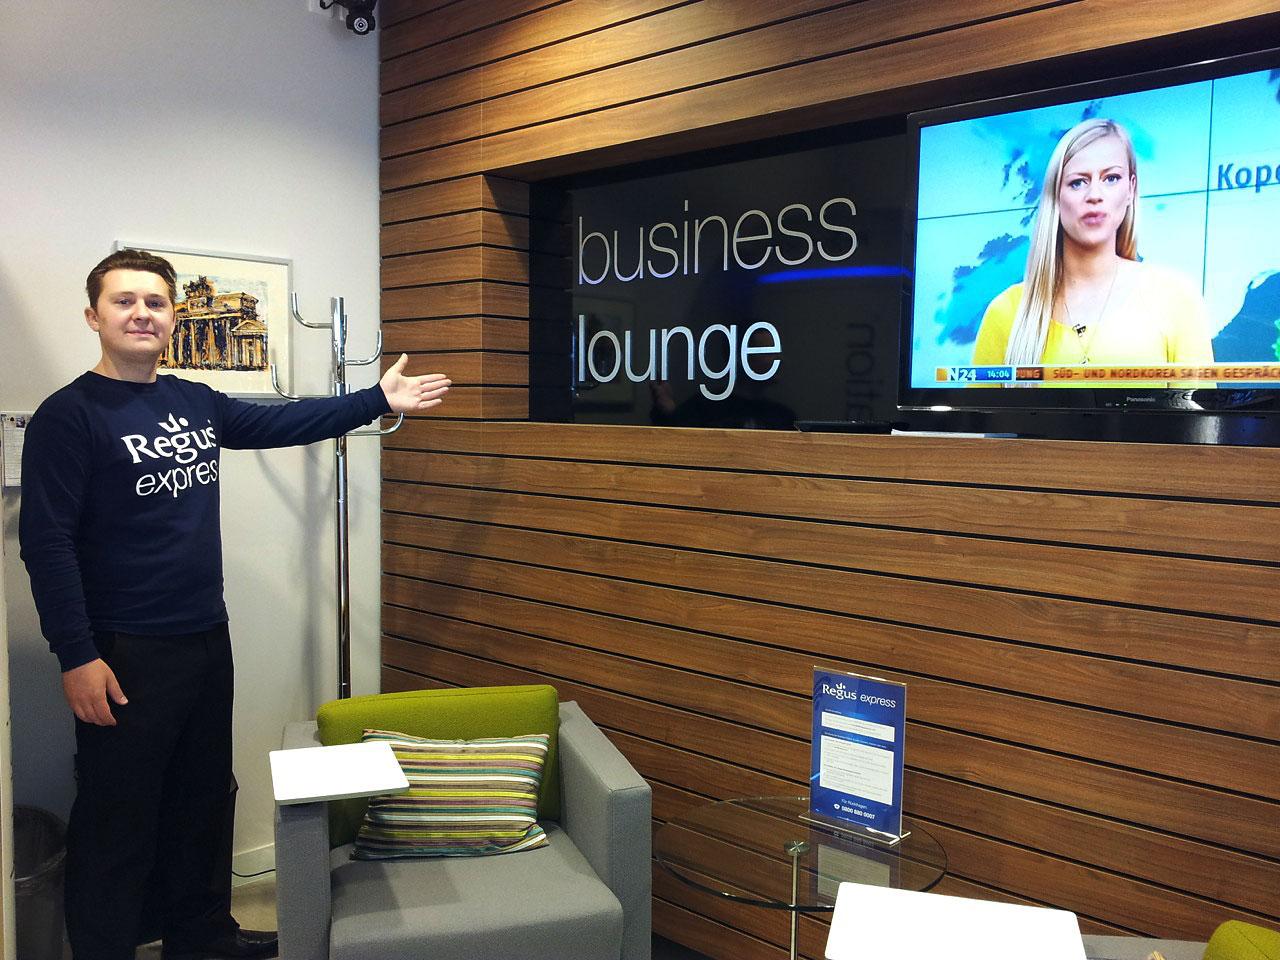 die exklusive Business Lounge ermöglicht ein flexibles Arbeiten auch unterwegs